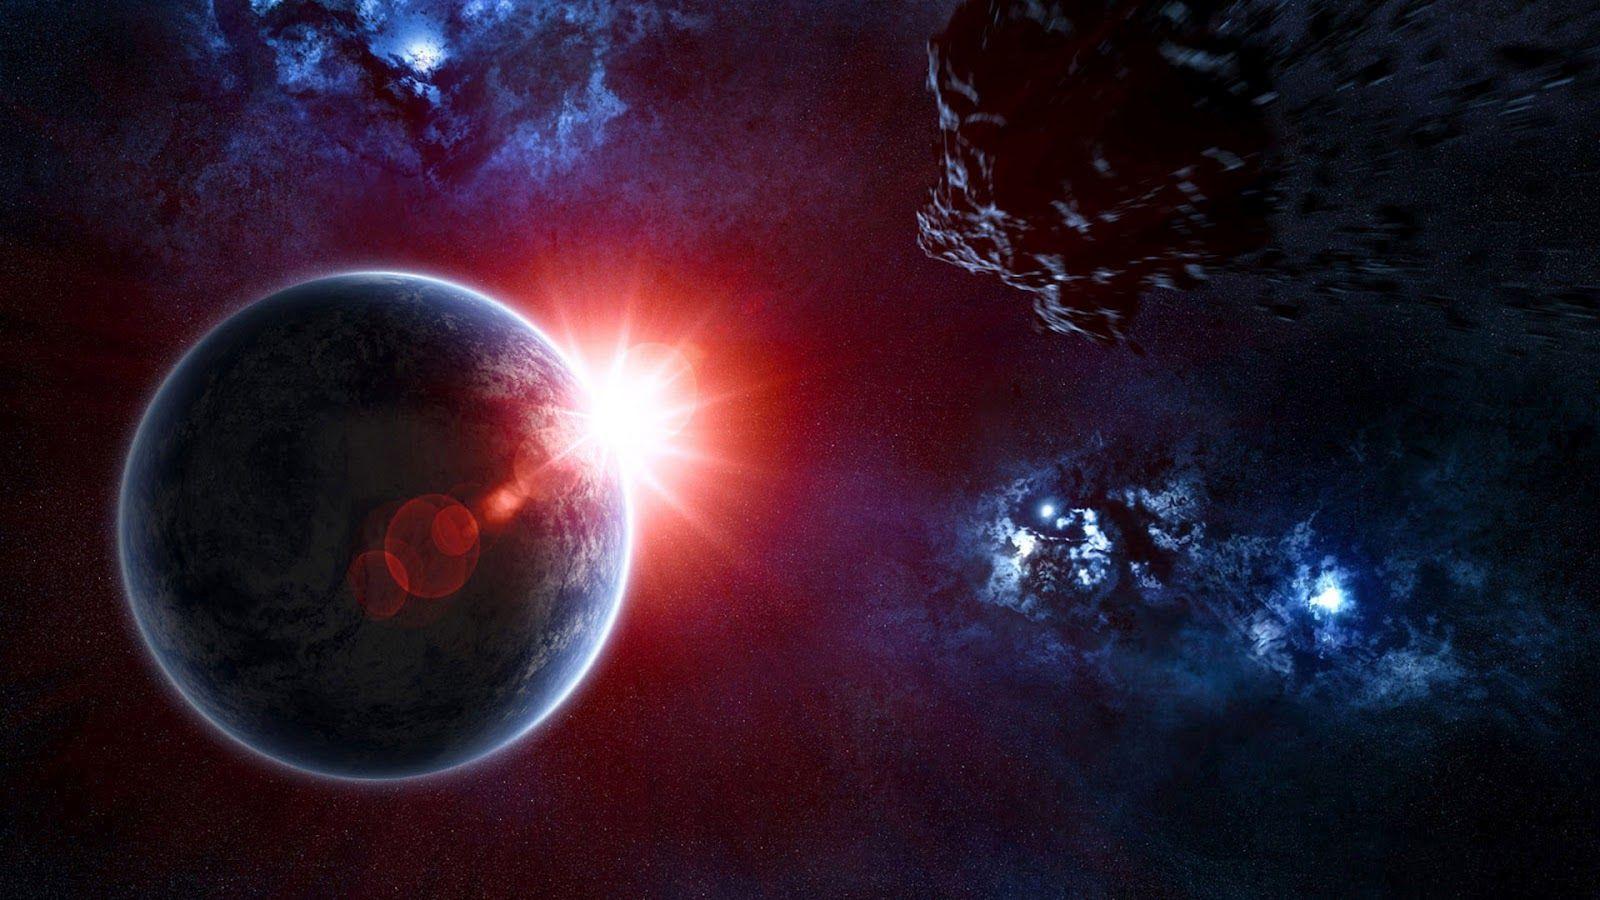 D Solar Eclipse HD desktop wallpaper High Definition